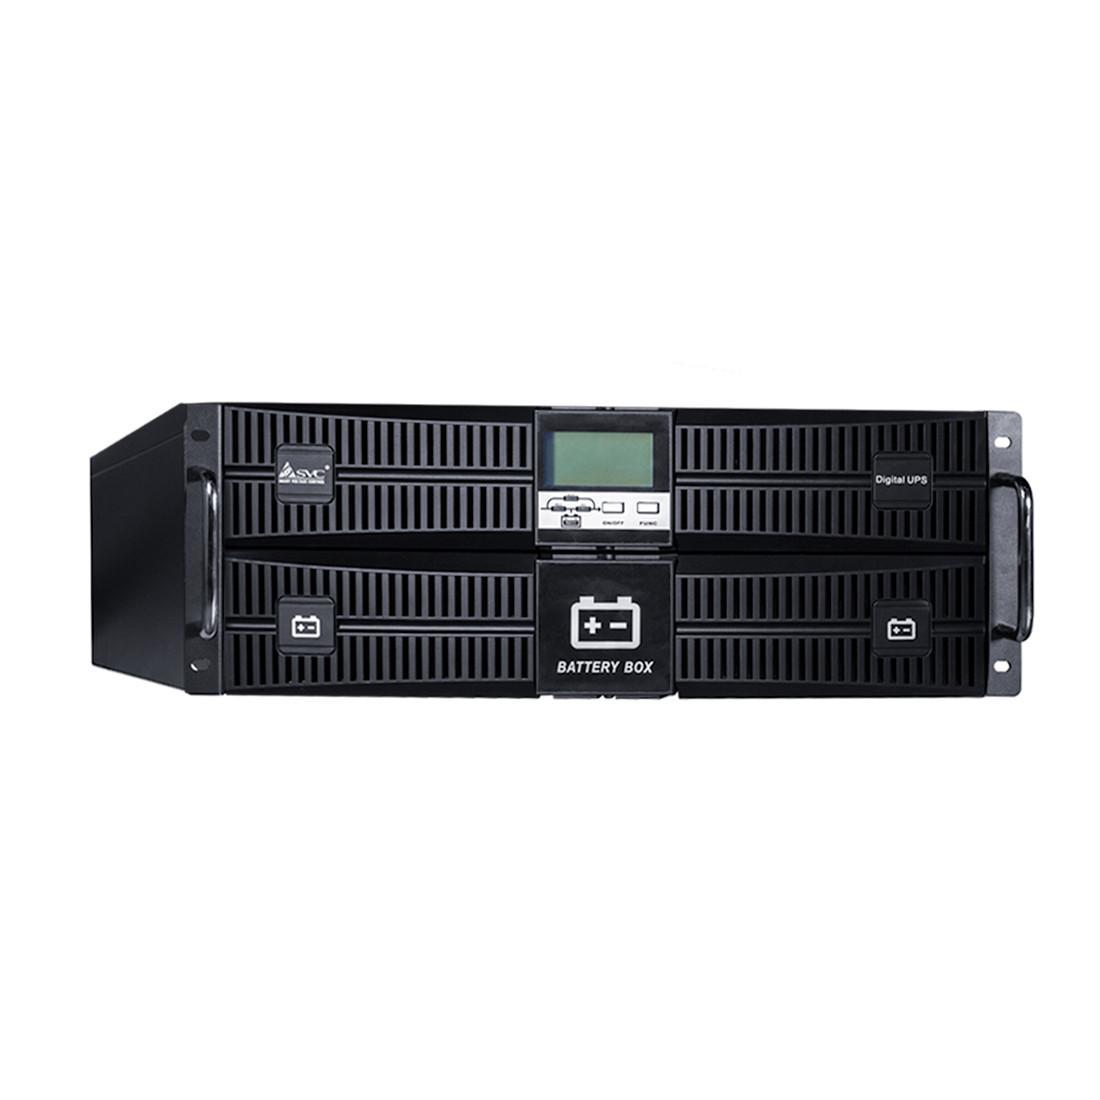 SVC RT-10KL-LCD Источник бесперебойного питания 10кВА/10кВт, Стоечный 19'' 4U